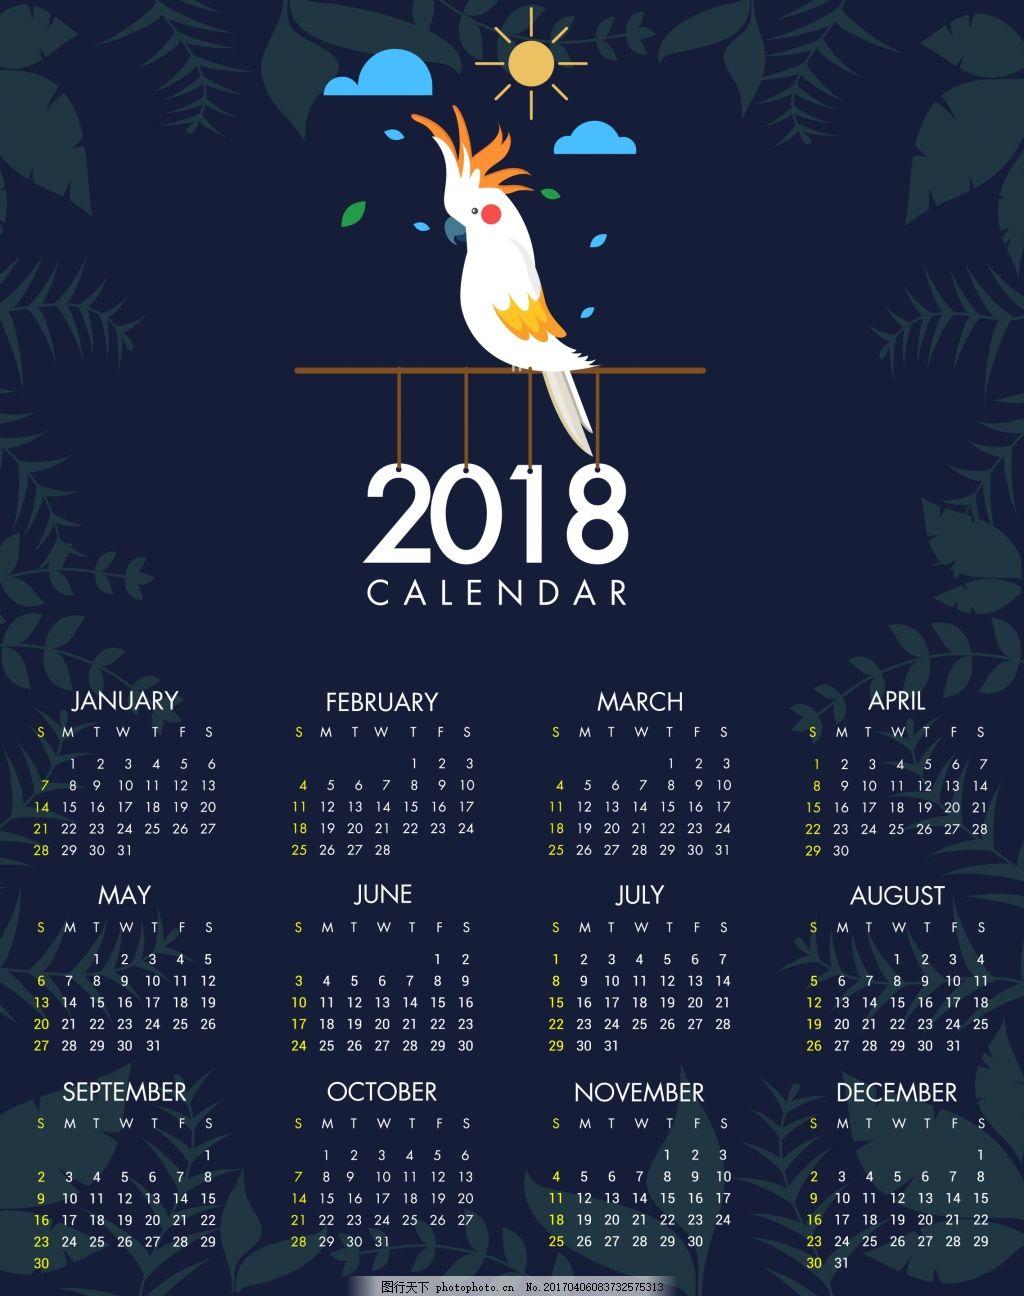 2018年历手绘制作